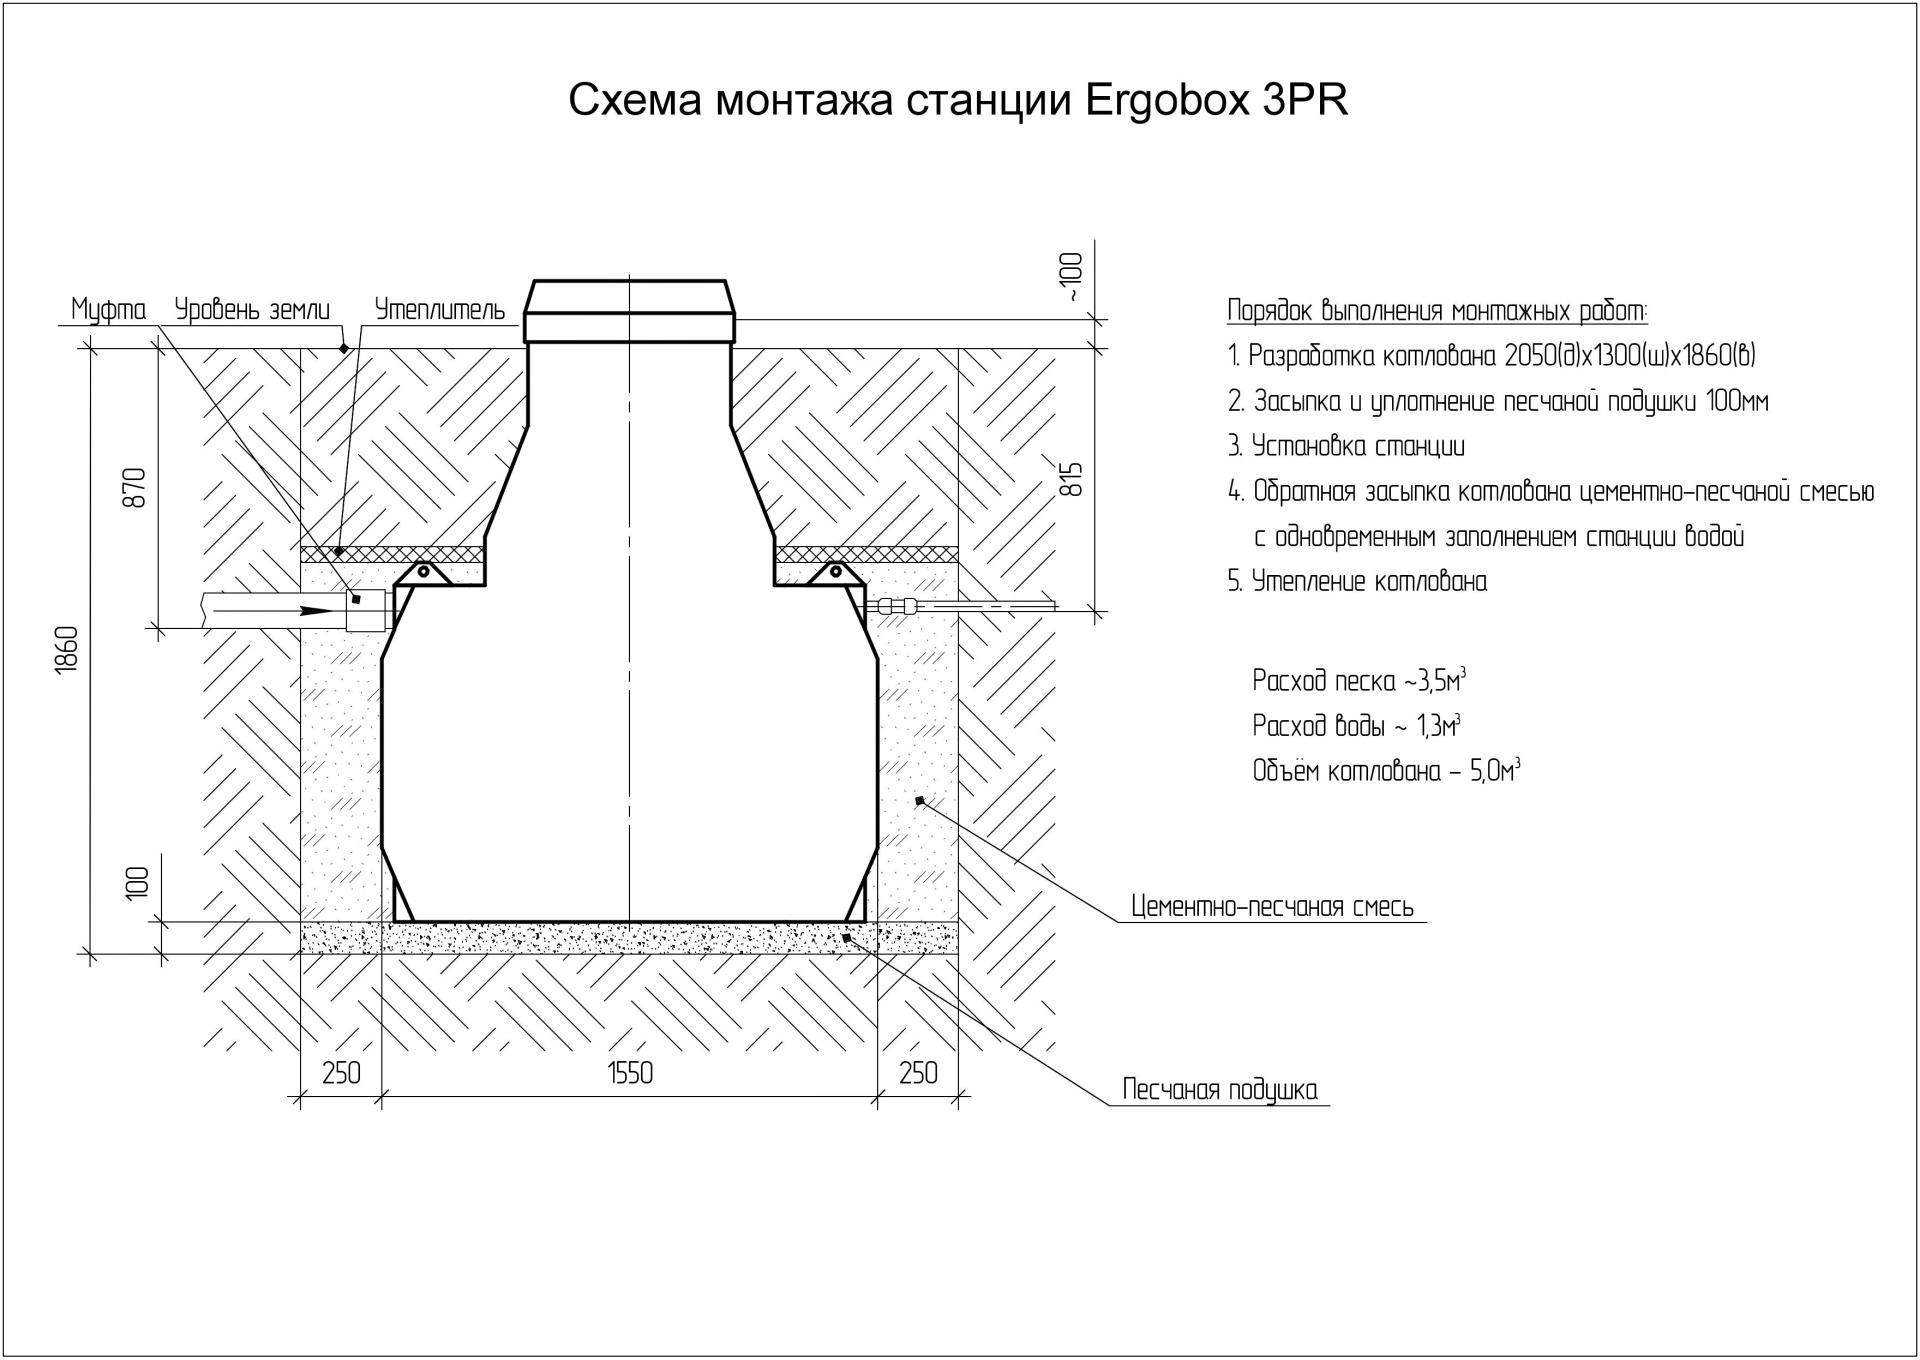 Монтажная схема Эргобокс 3 PR